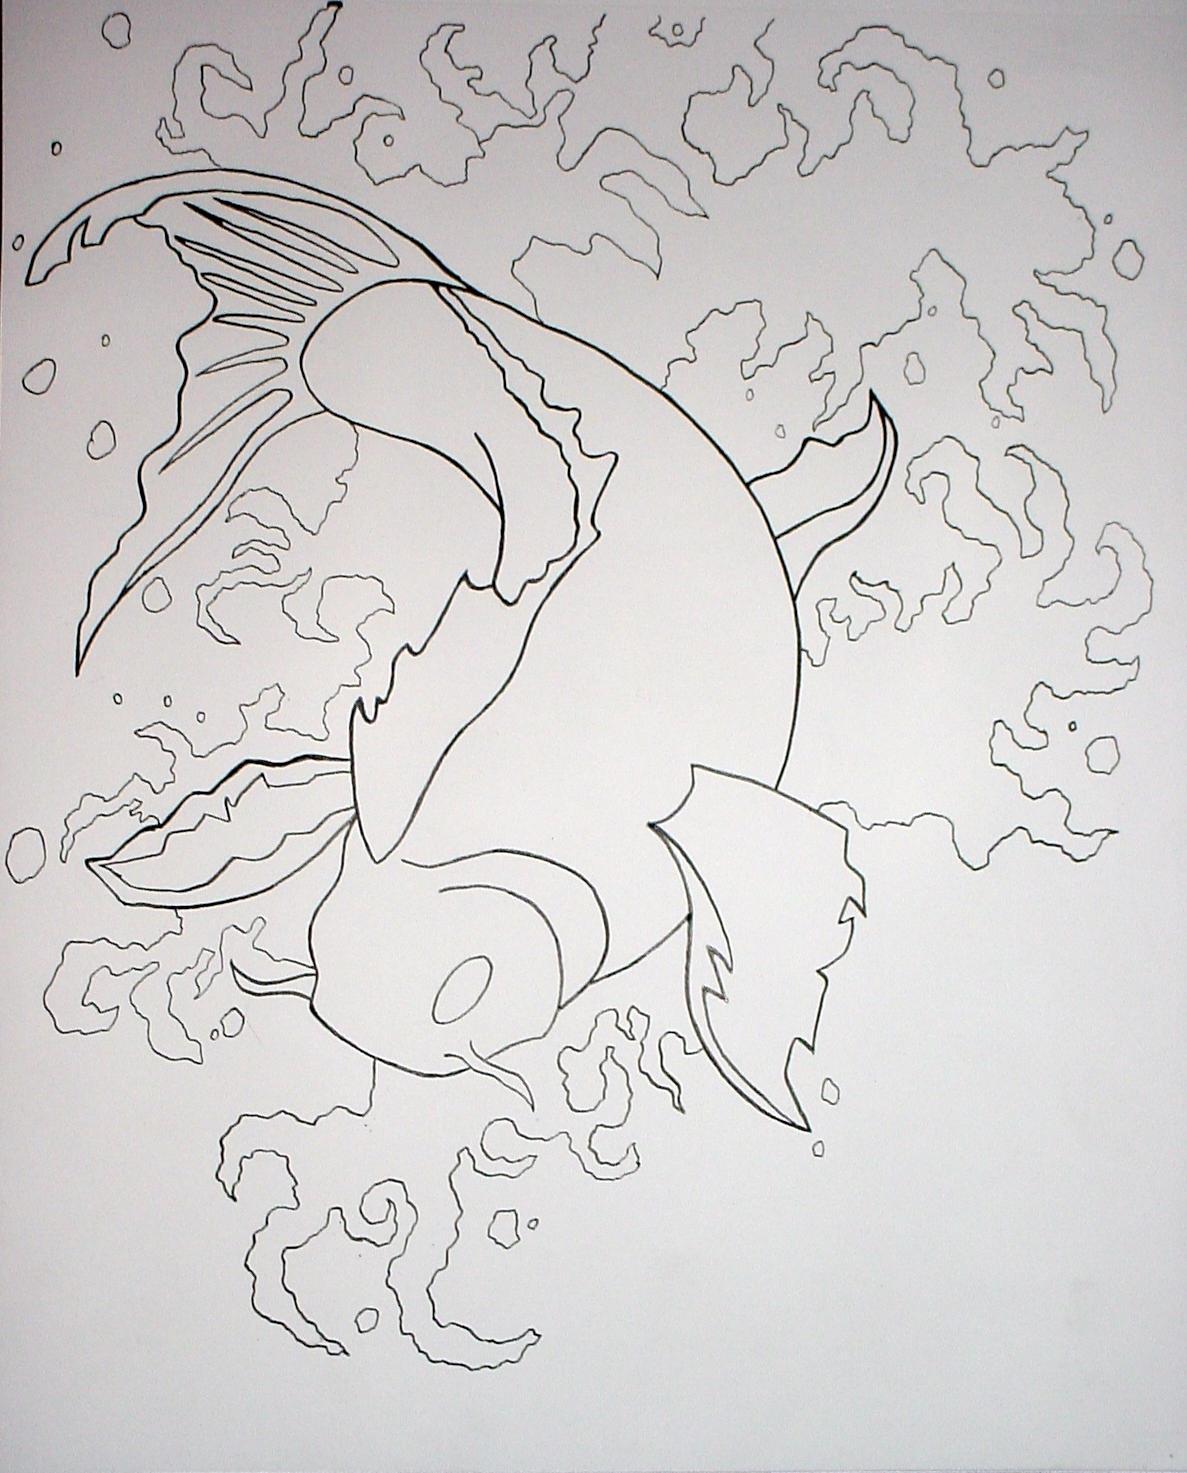 Outline of koi fish by xshaixhuludx on deviantart for Koi fish outline